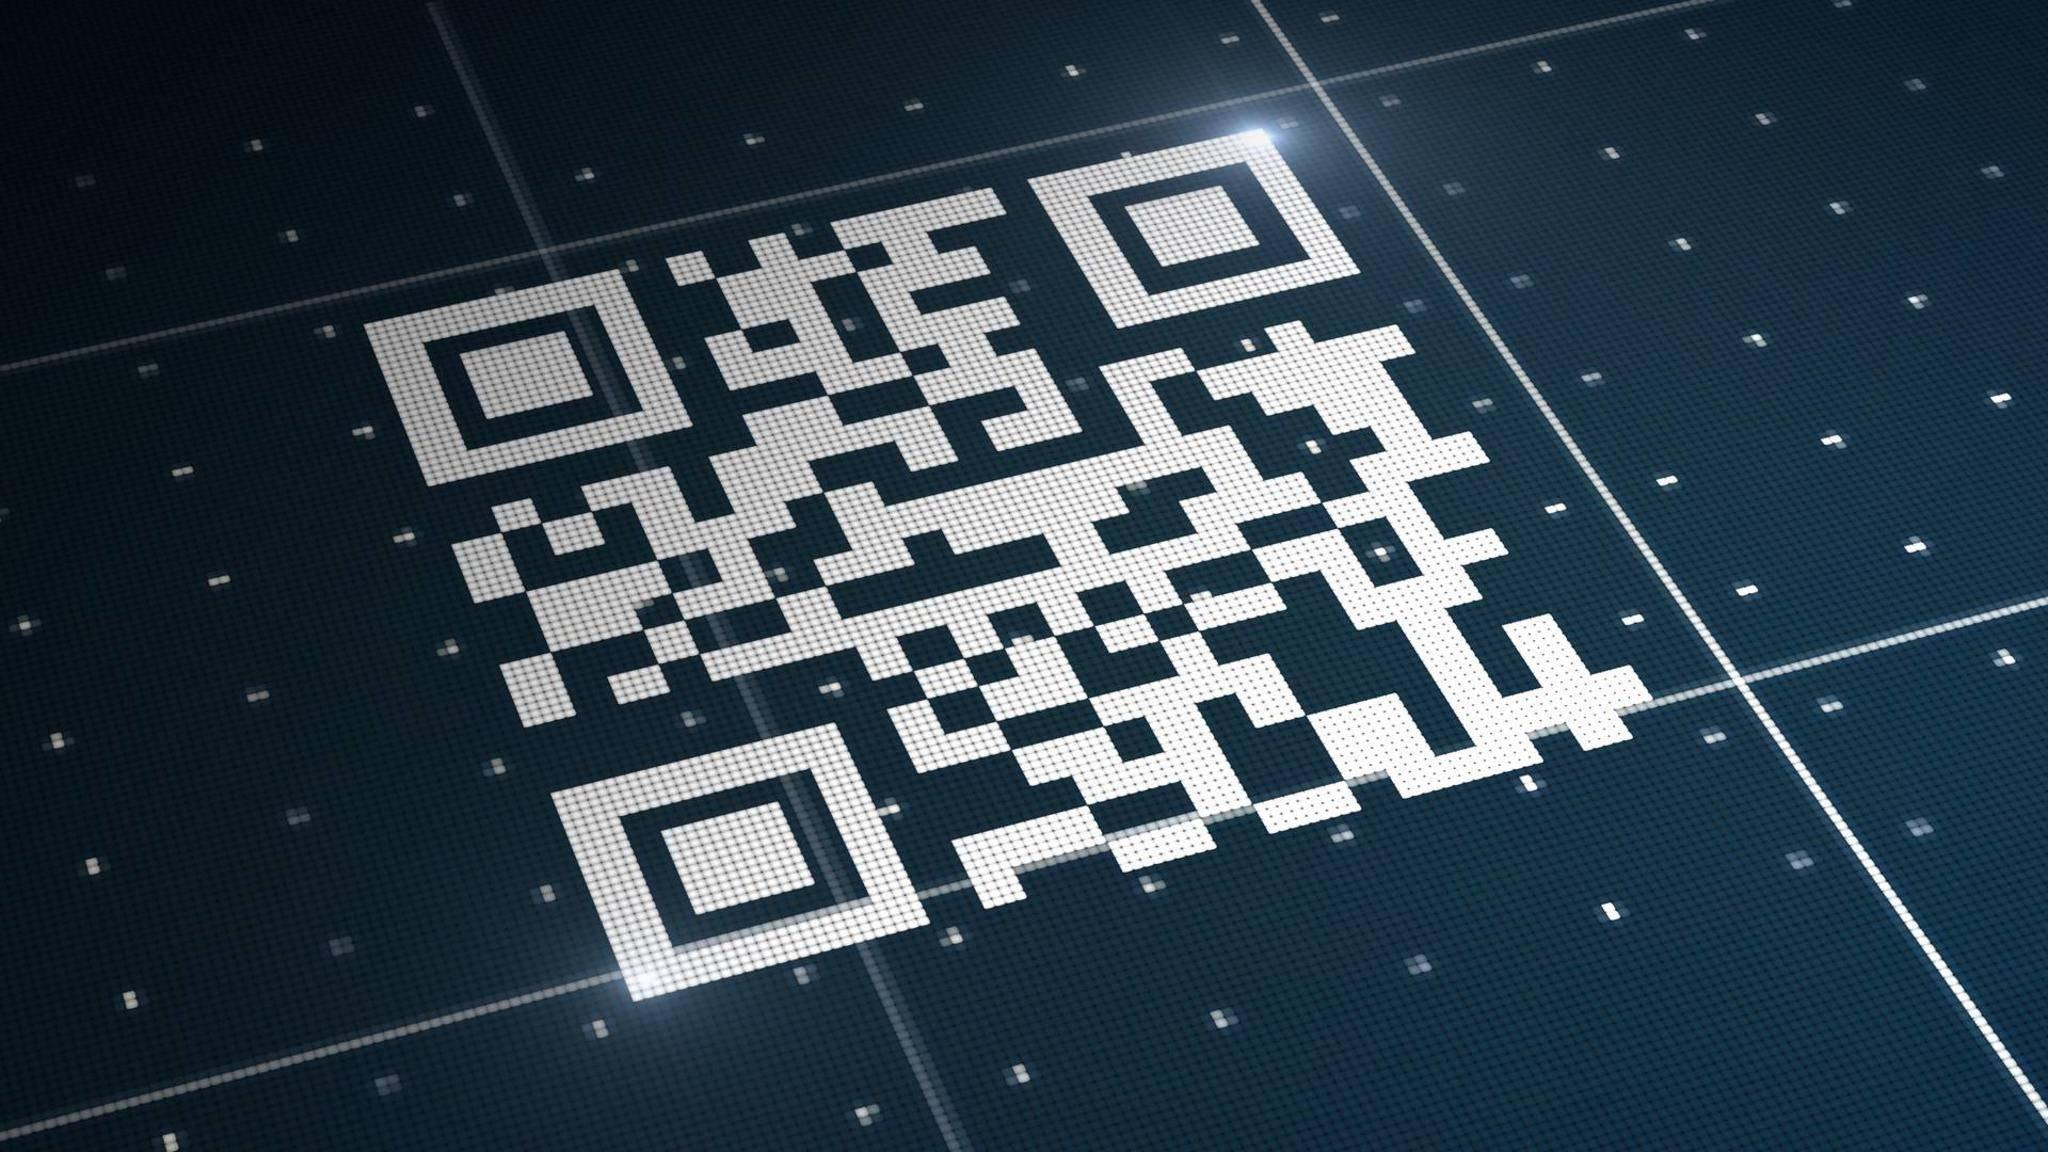 Mit Deinem Smartphone kannst Du selbst QR-Codes erstellen.